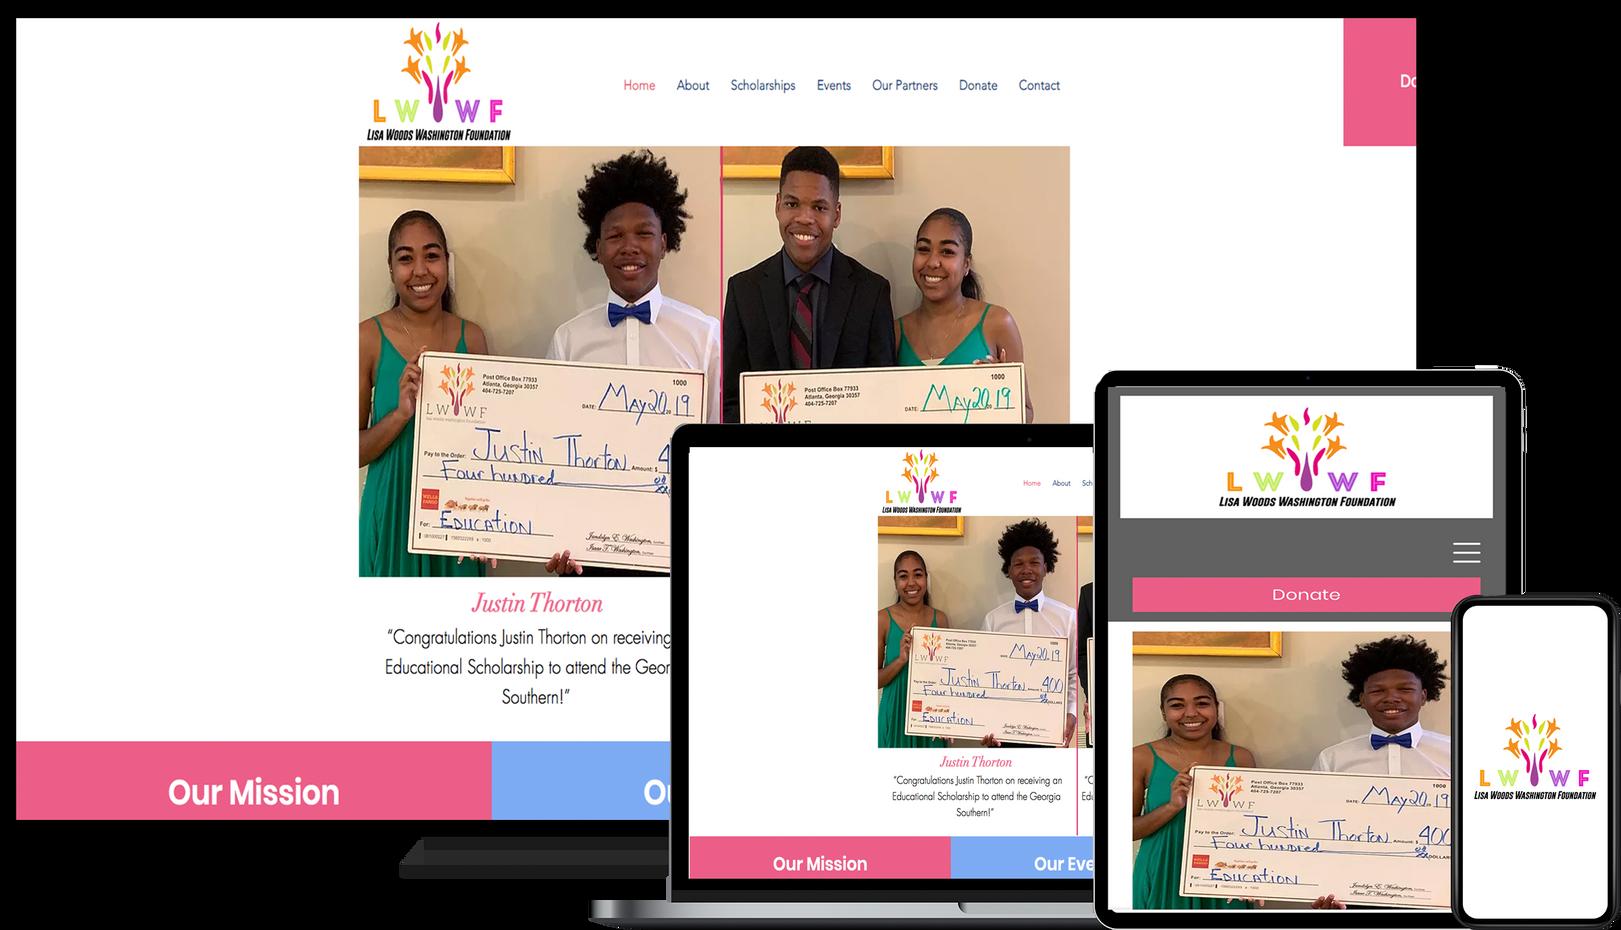 Lisa Woods Washington Foundation